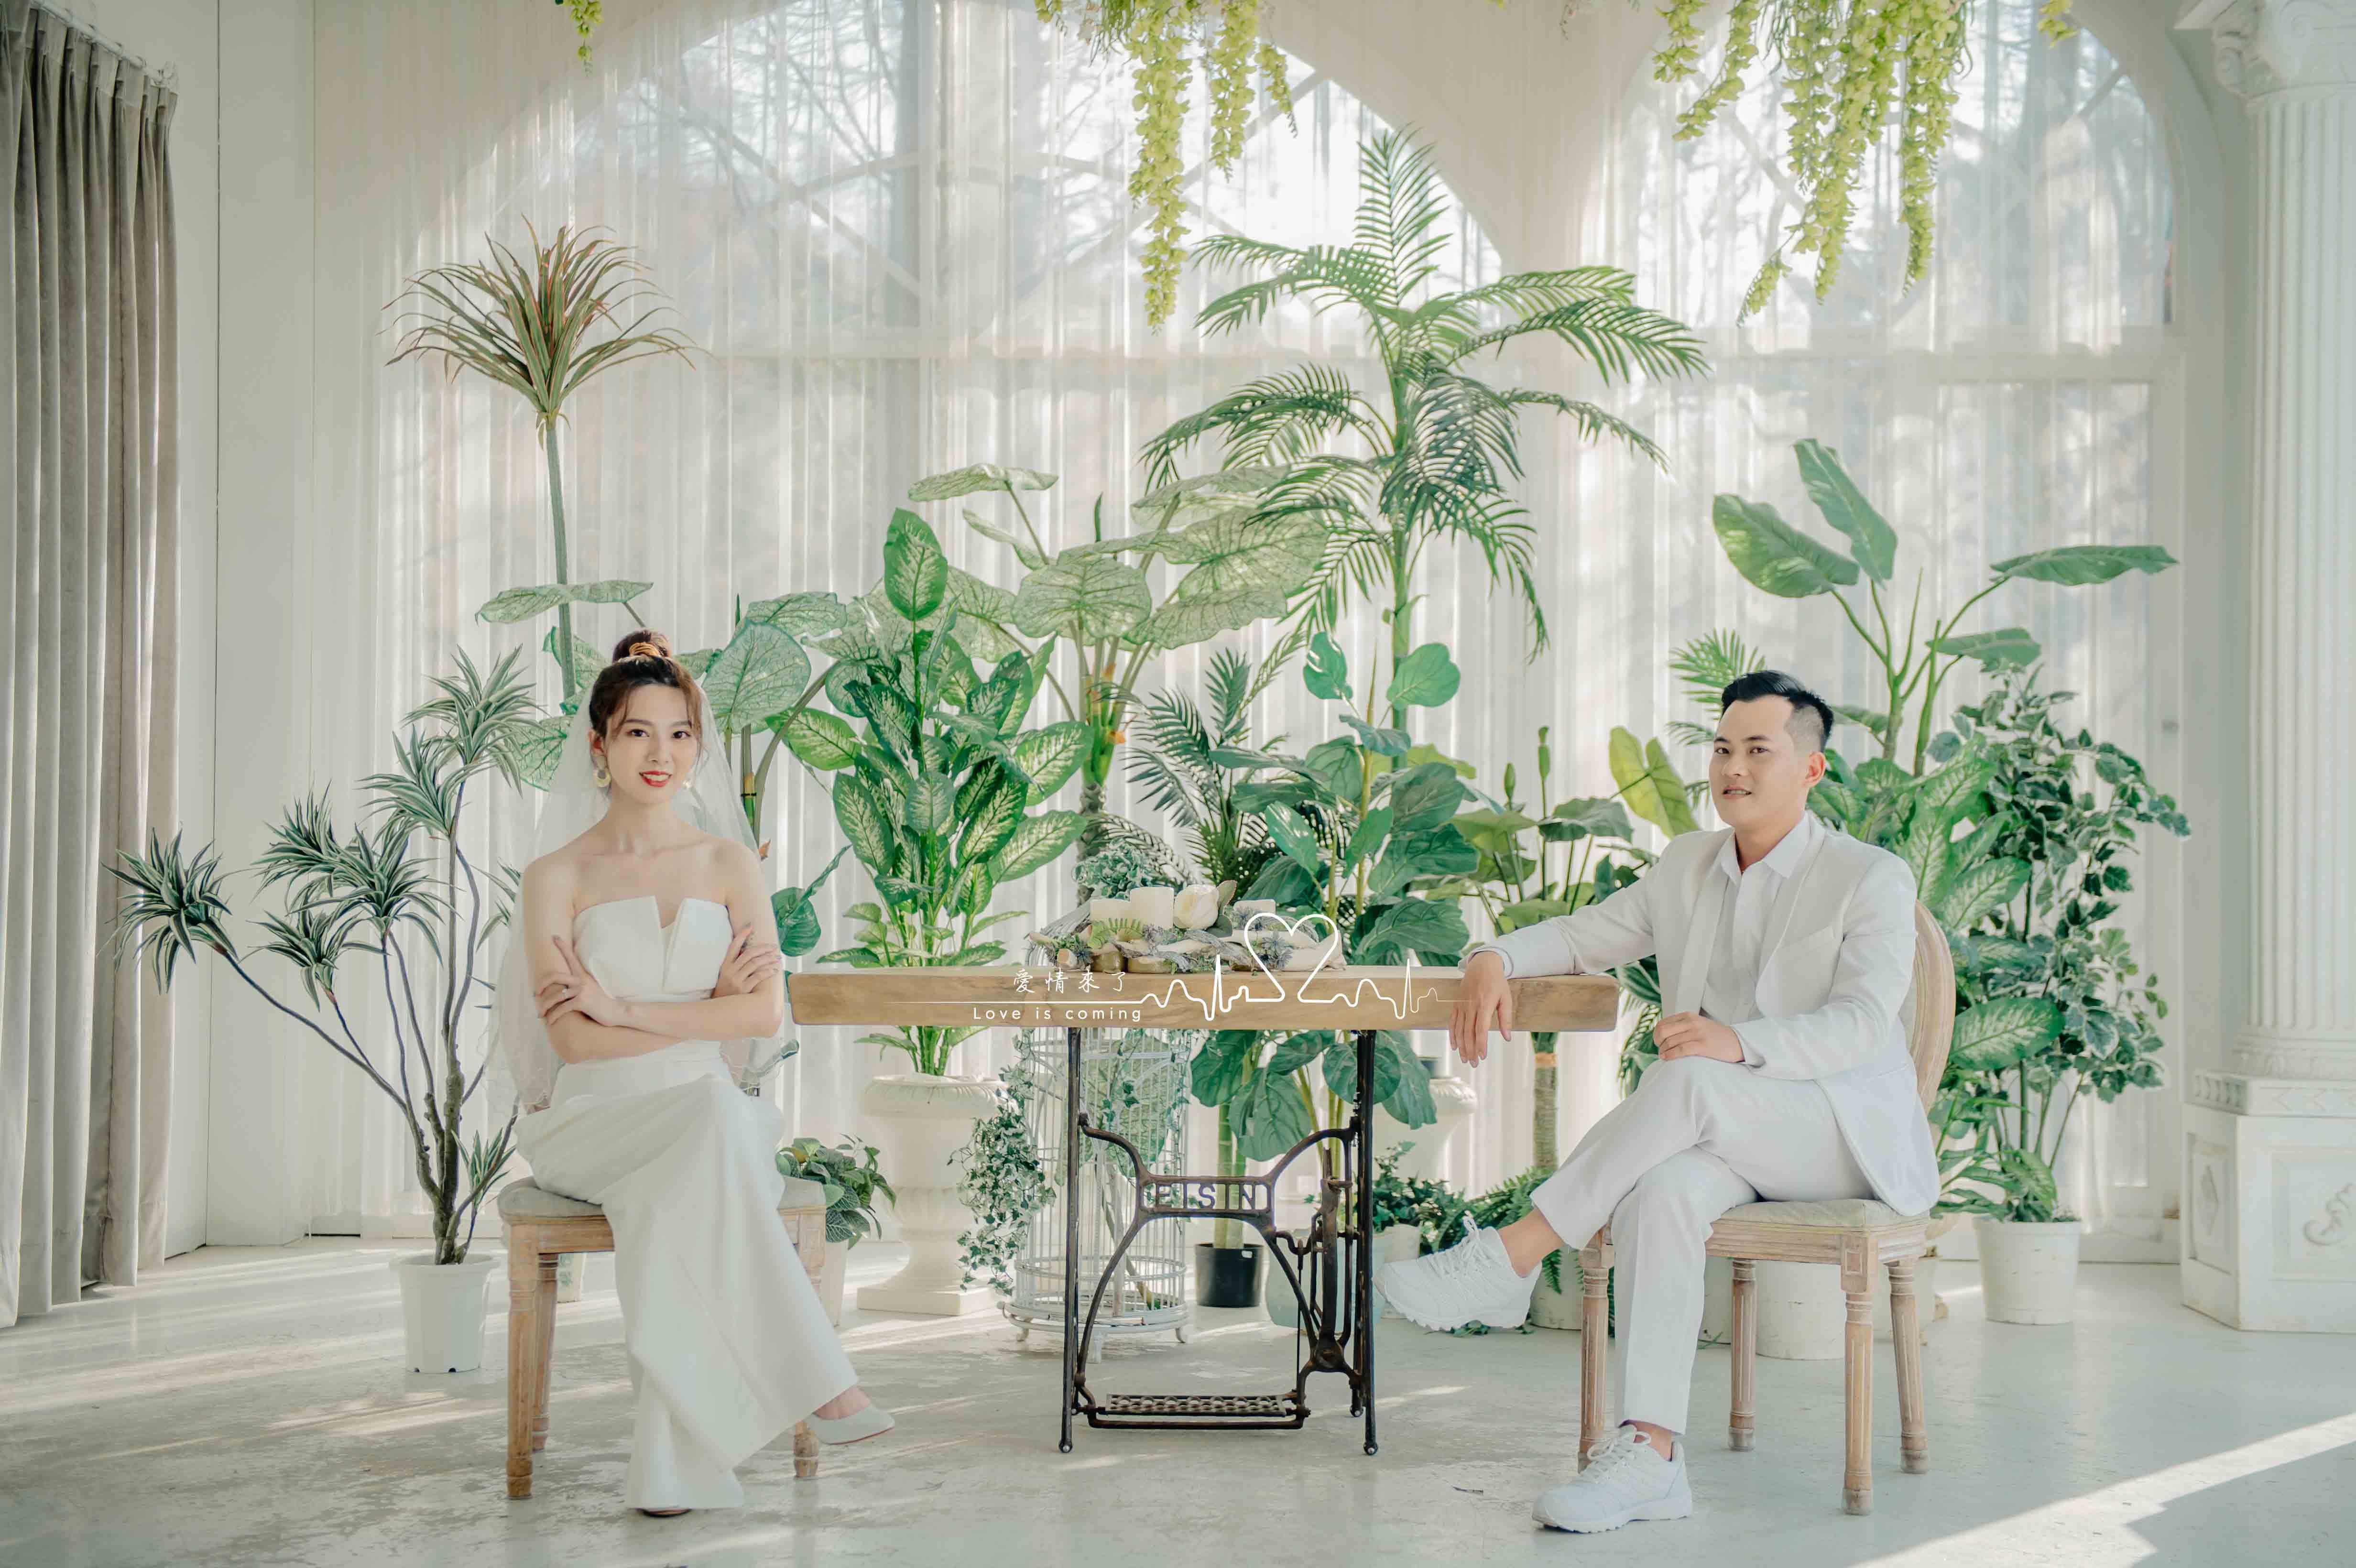 台中婚紗,台中婚紗工作室,台中婚紗推薦,台中婚紗景點